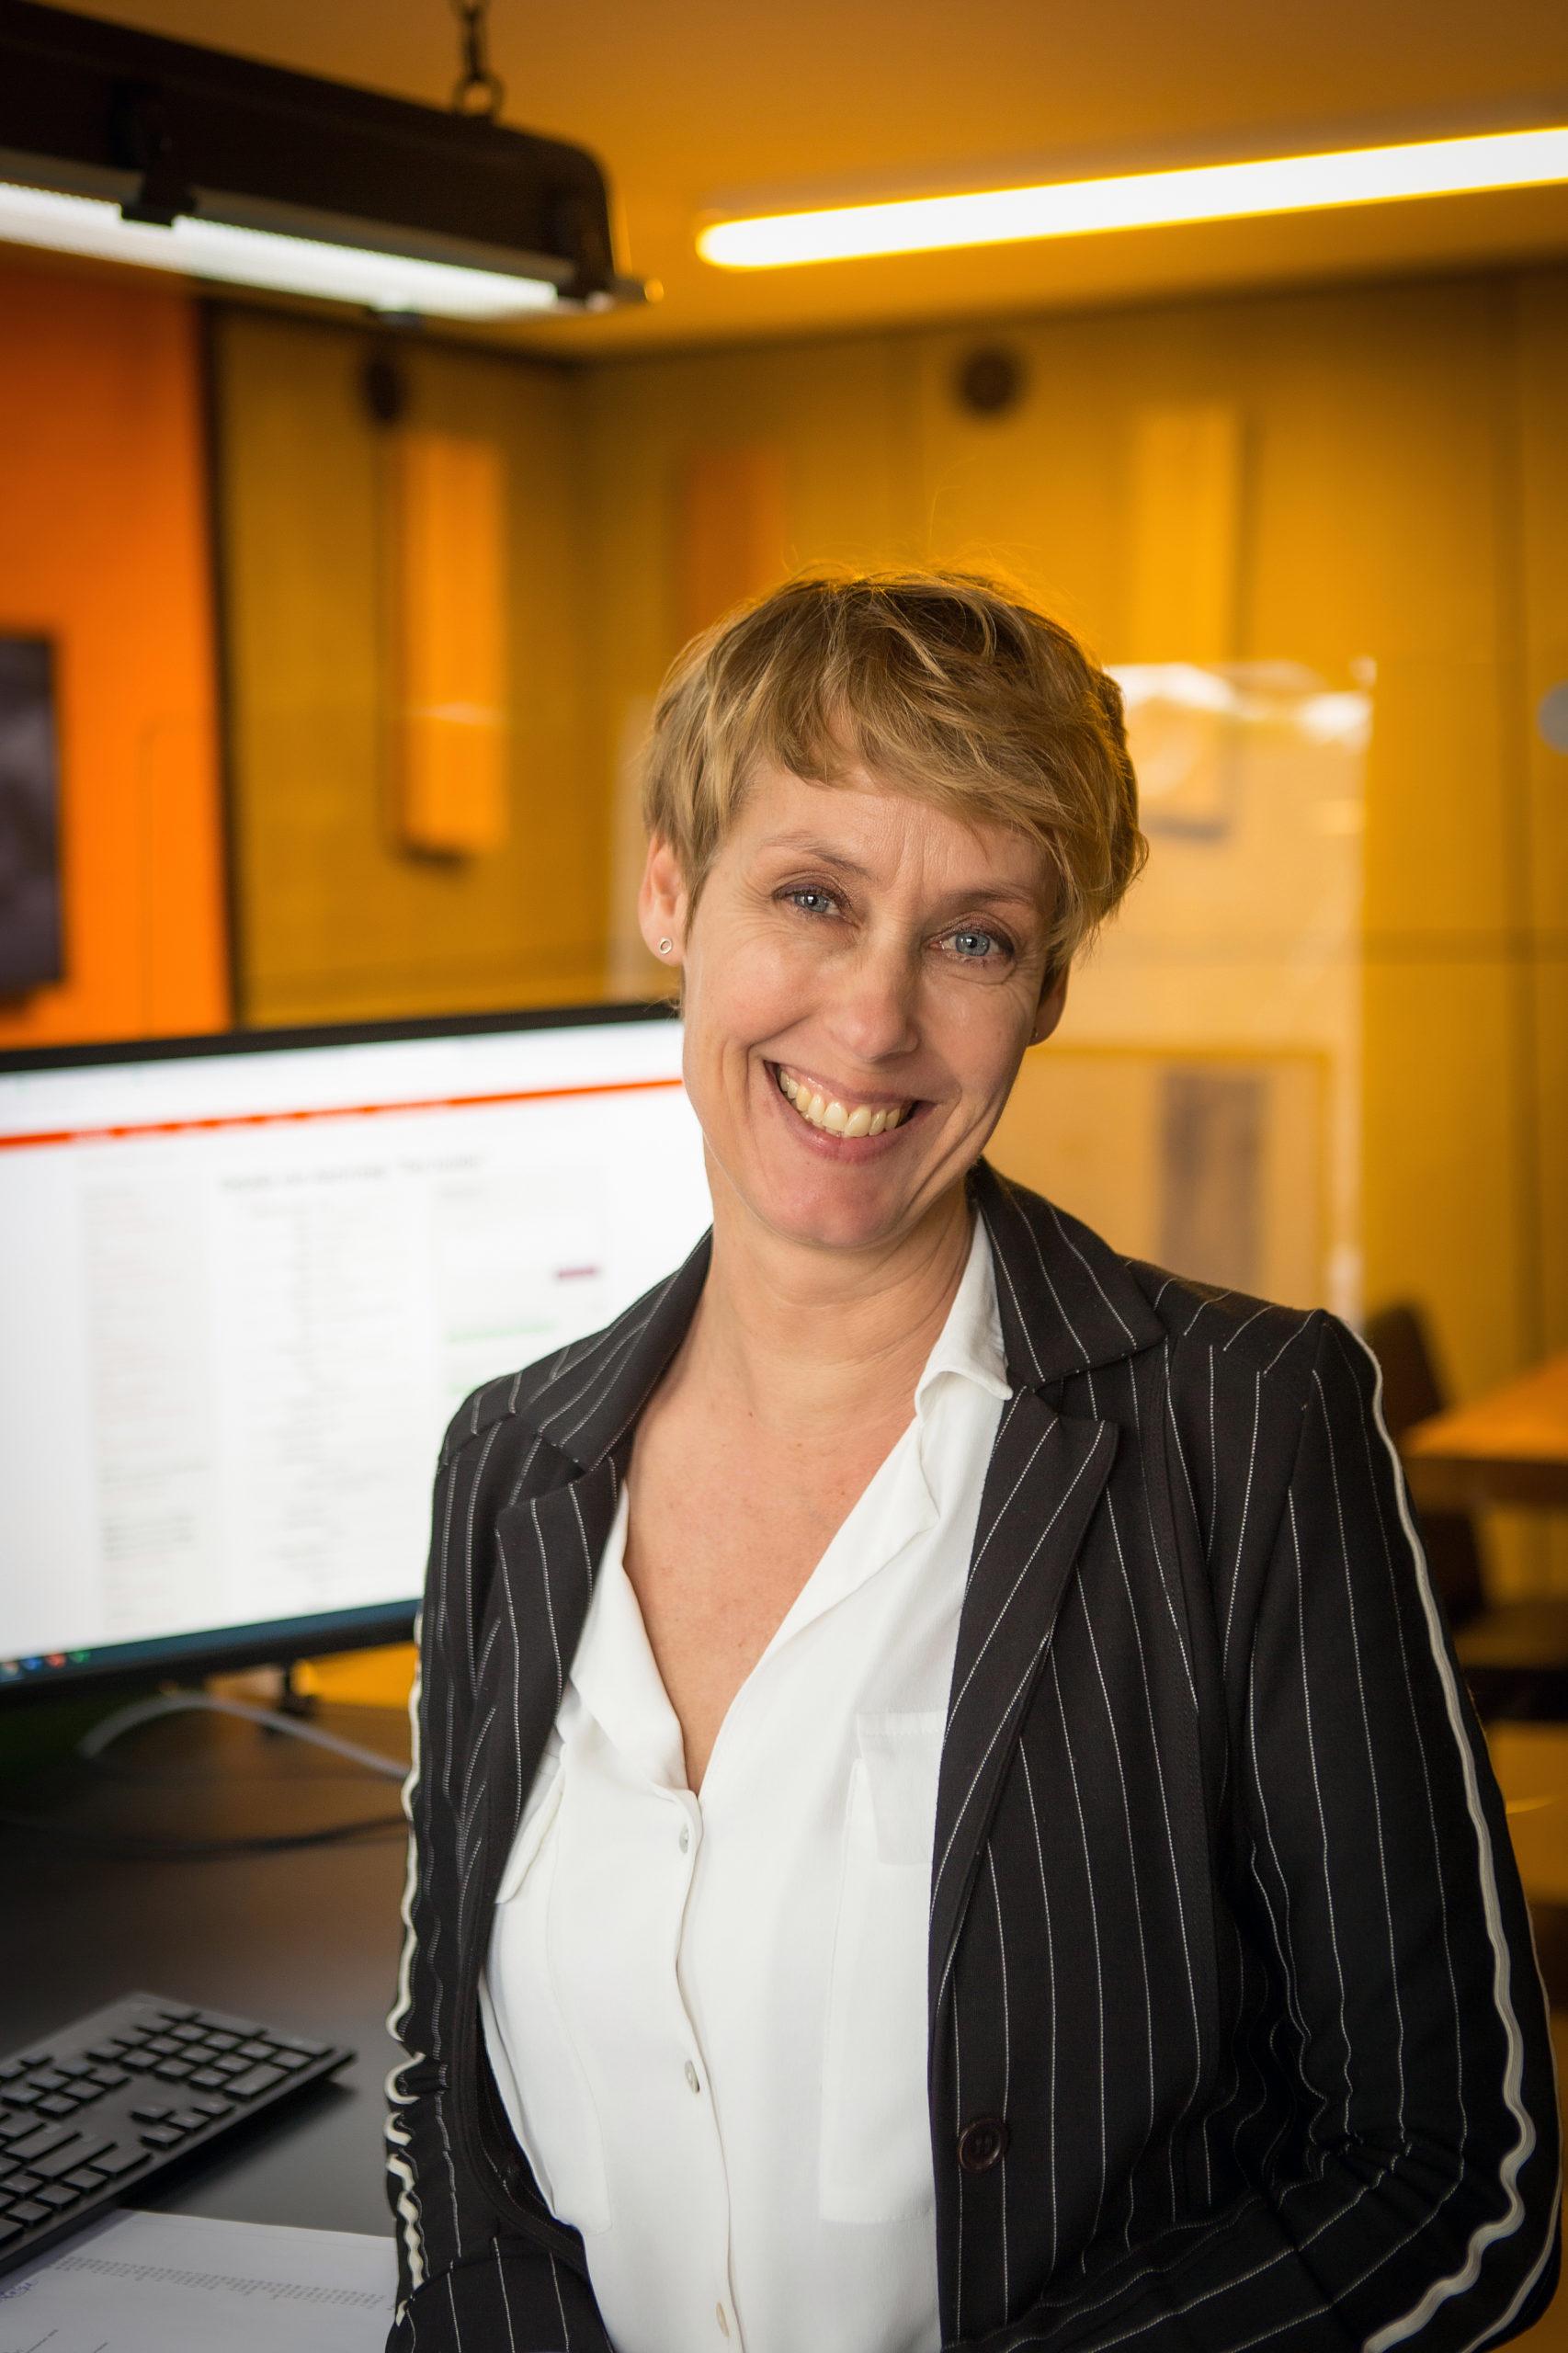 Sandra van Dijk